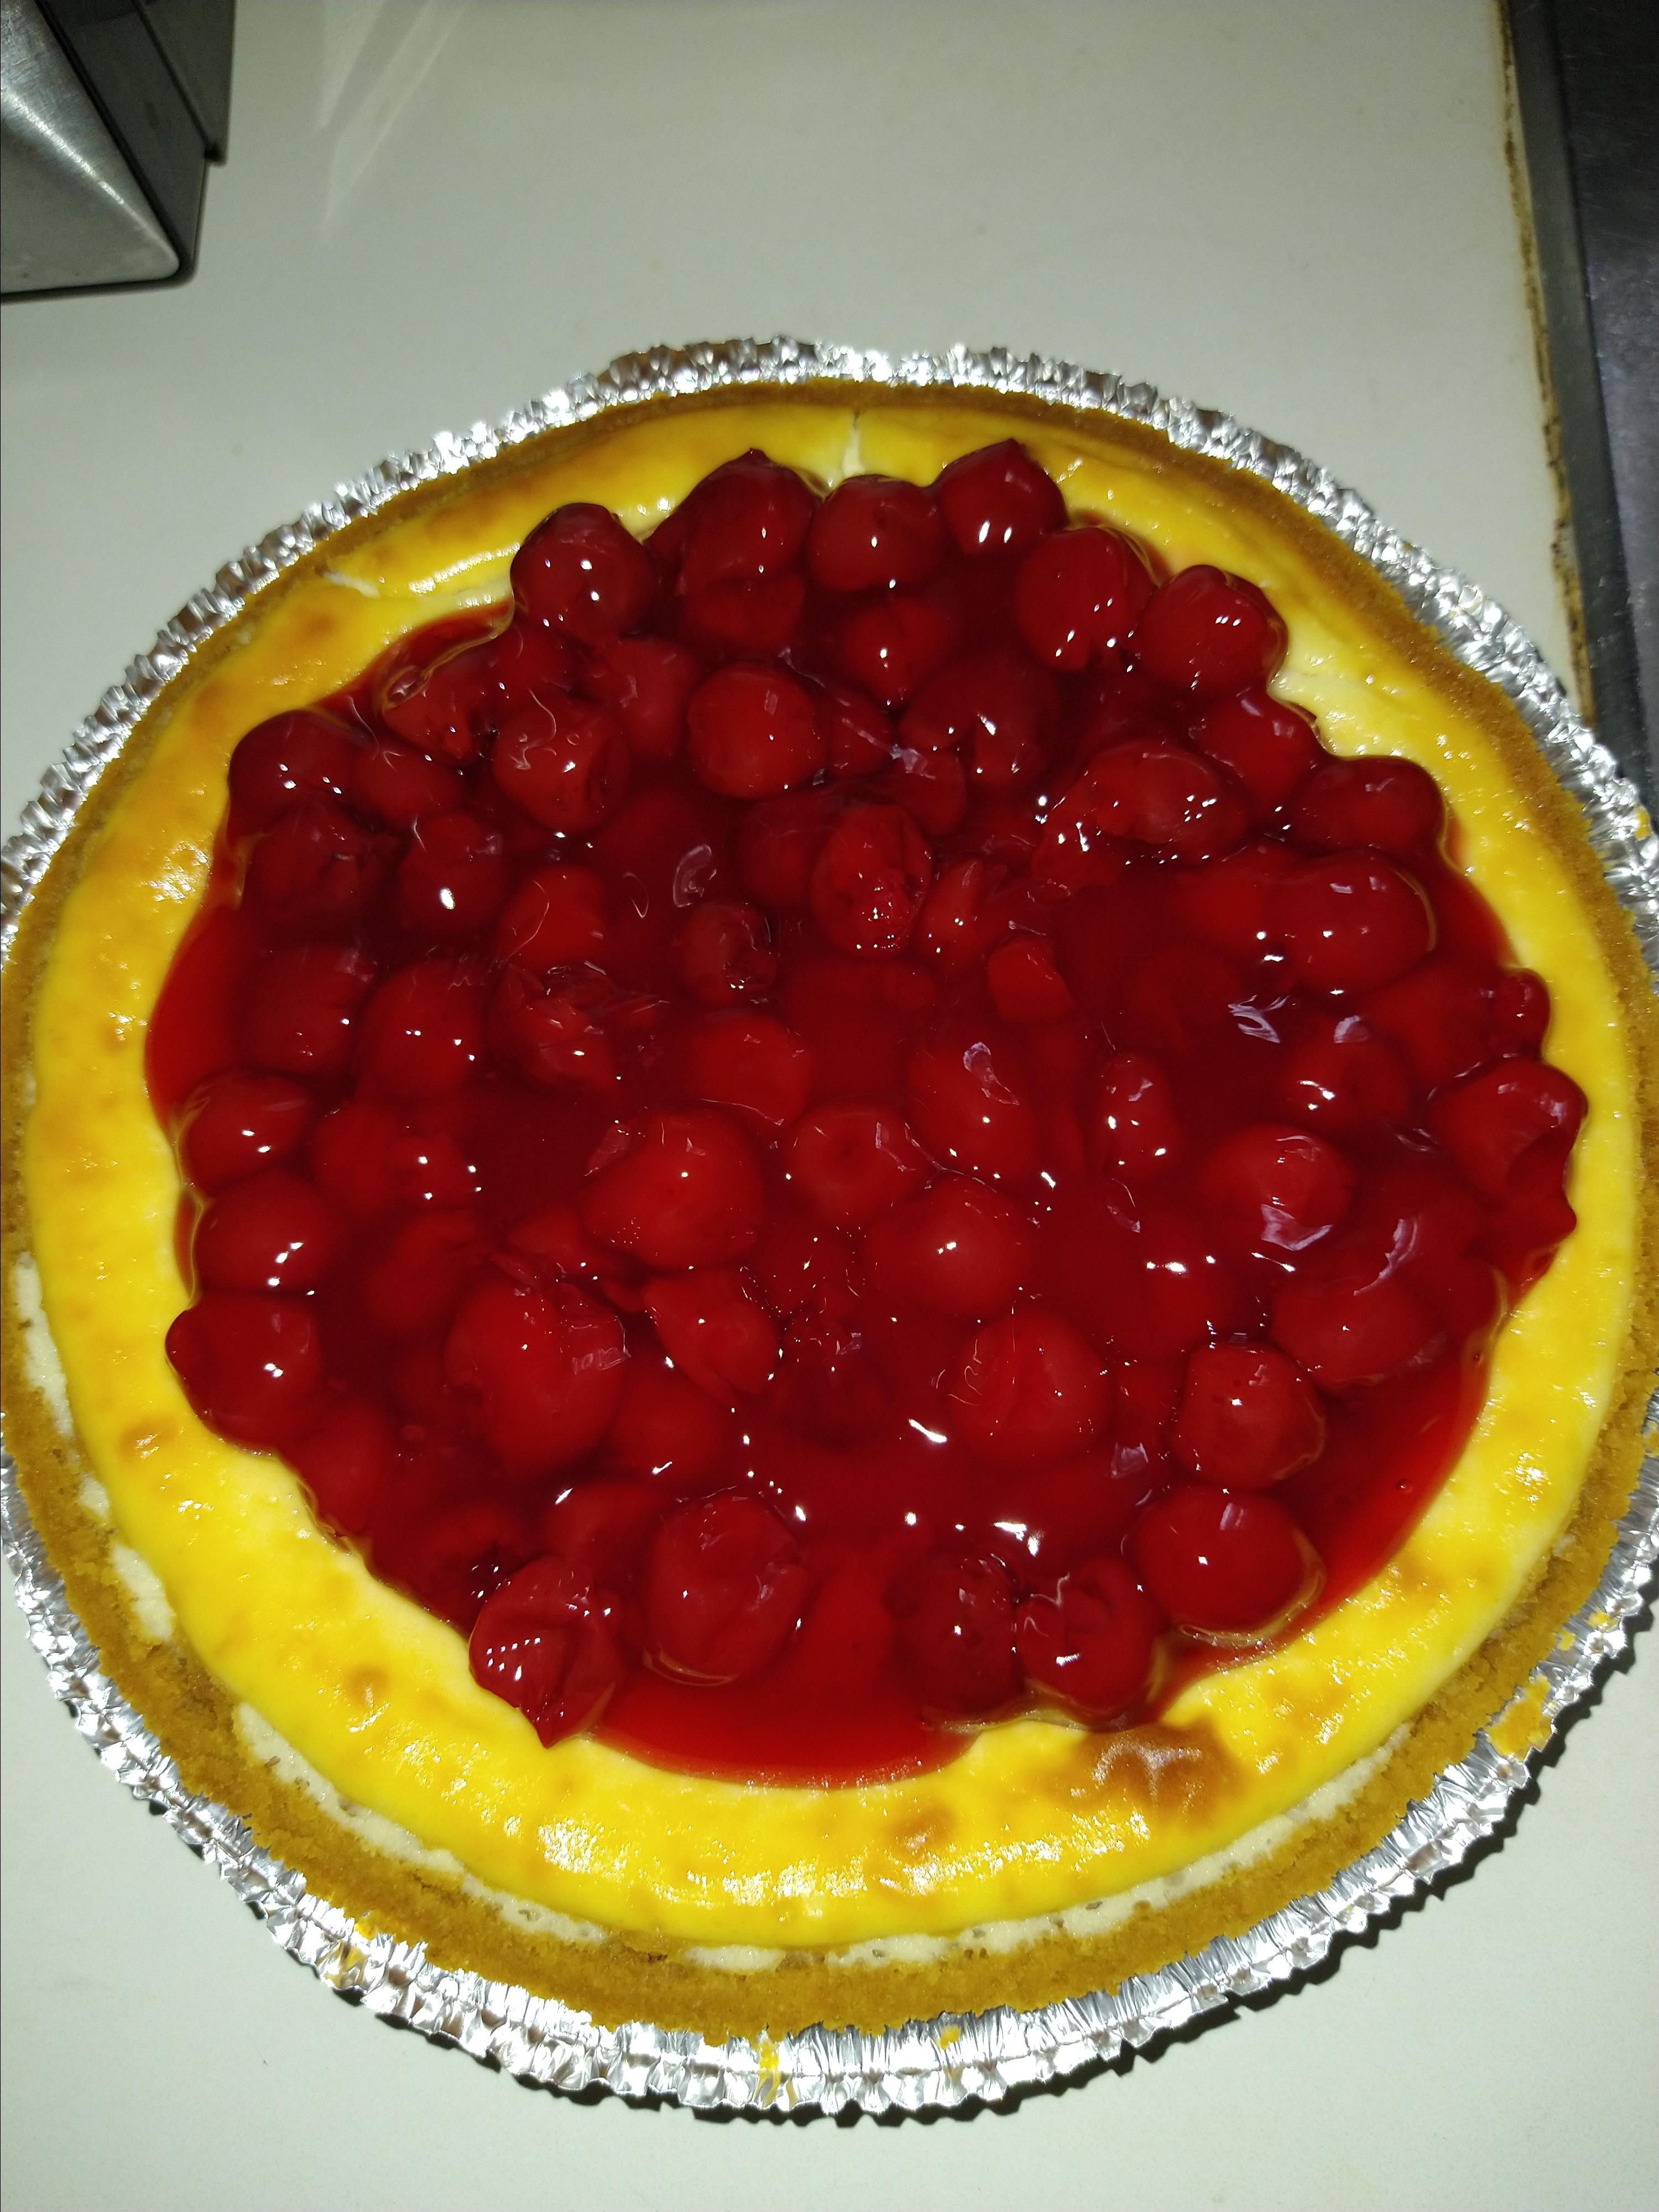 Joey's Cheesecake Natacha